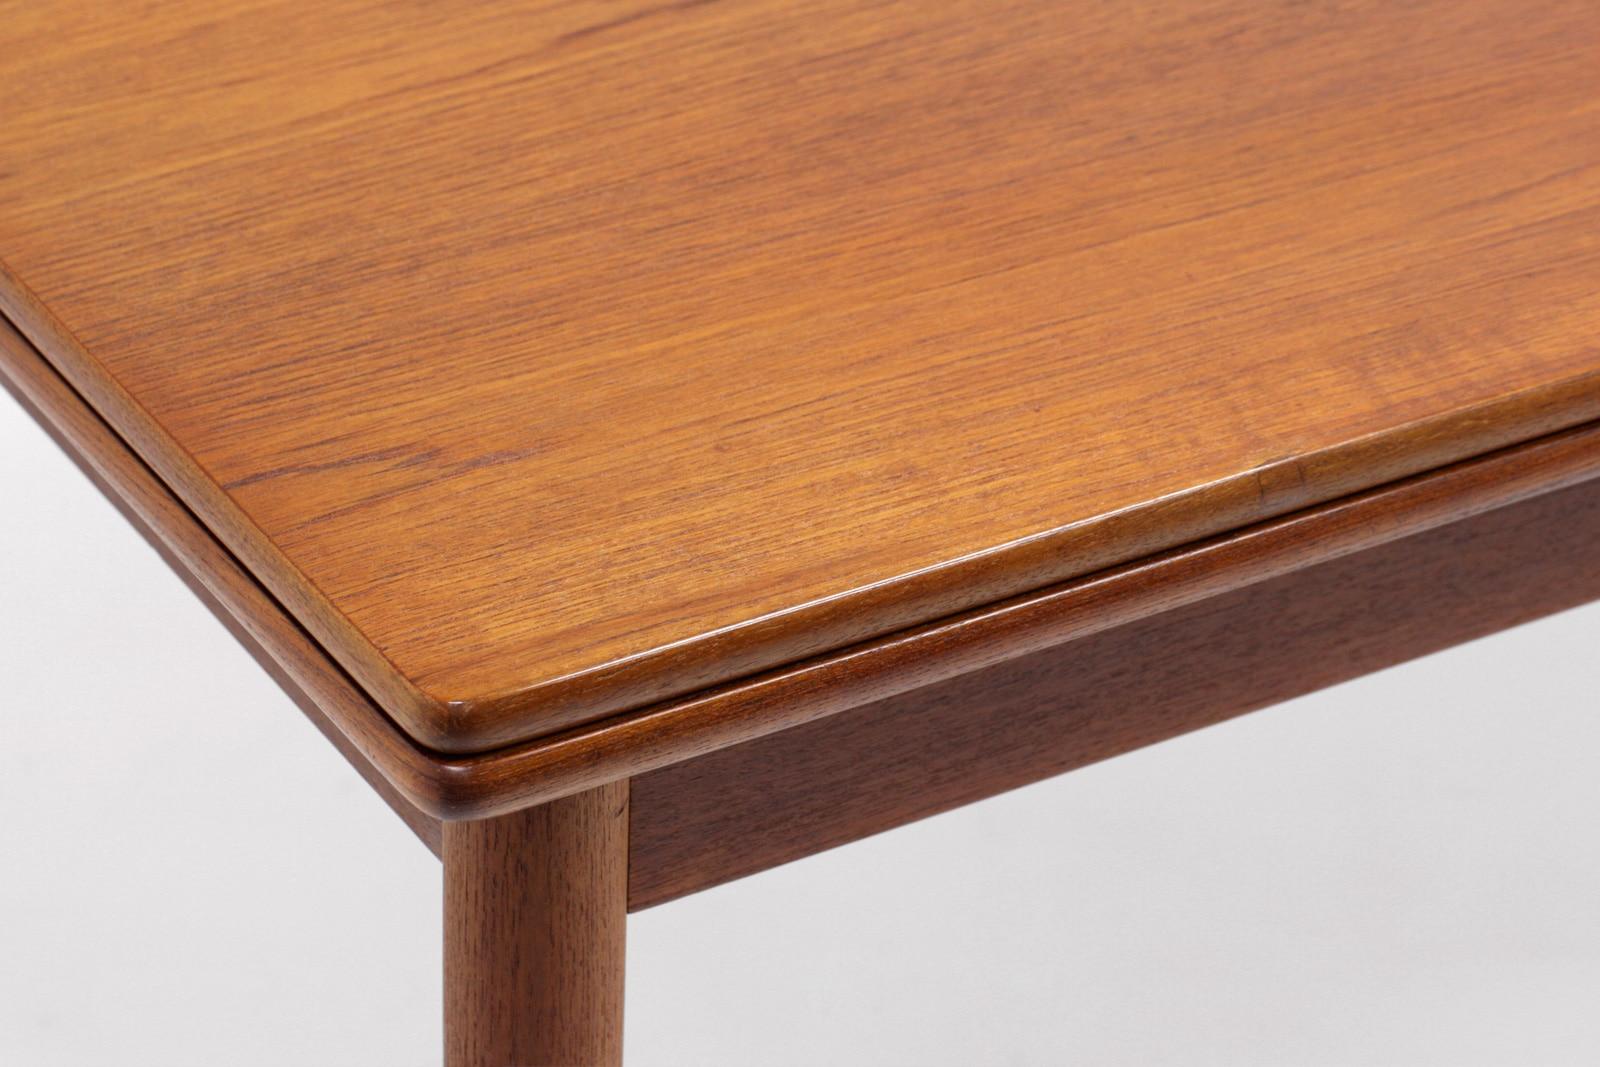 ヴィンテージ,北欧,家具,ハンス・J・ウェグナー,ダイニングテーブル,長方形